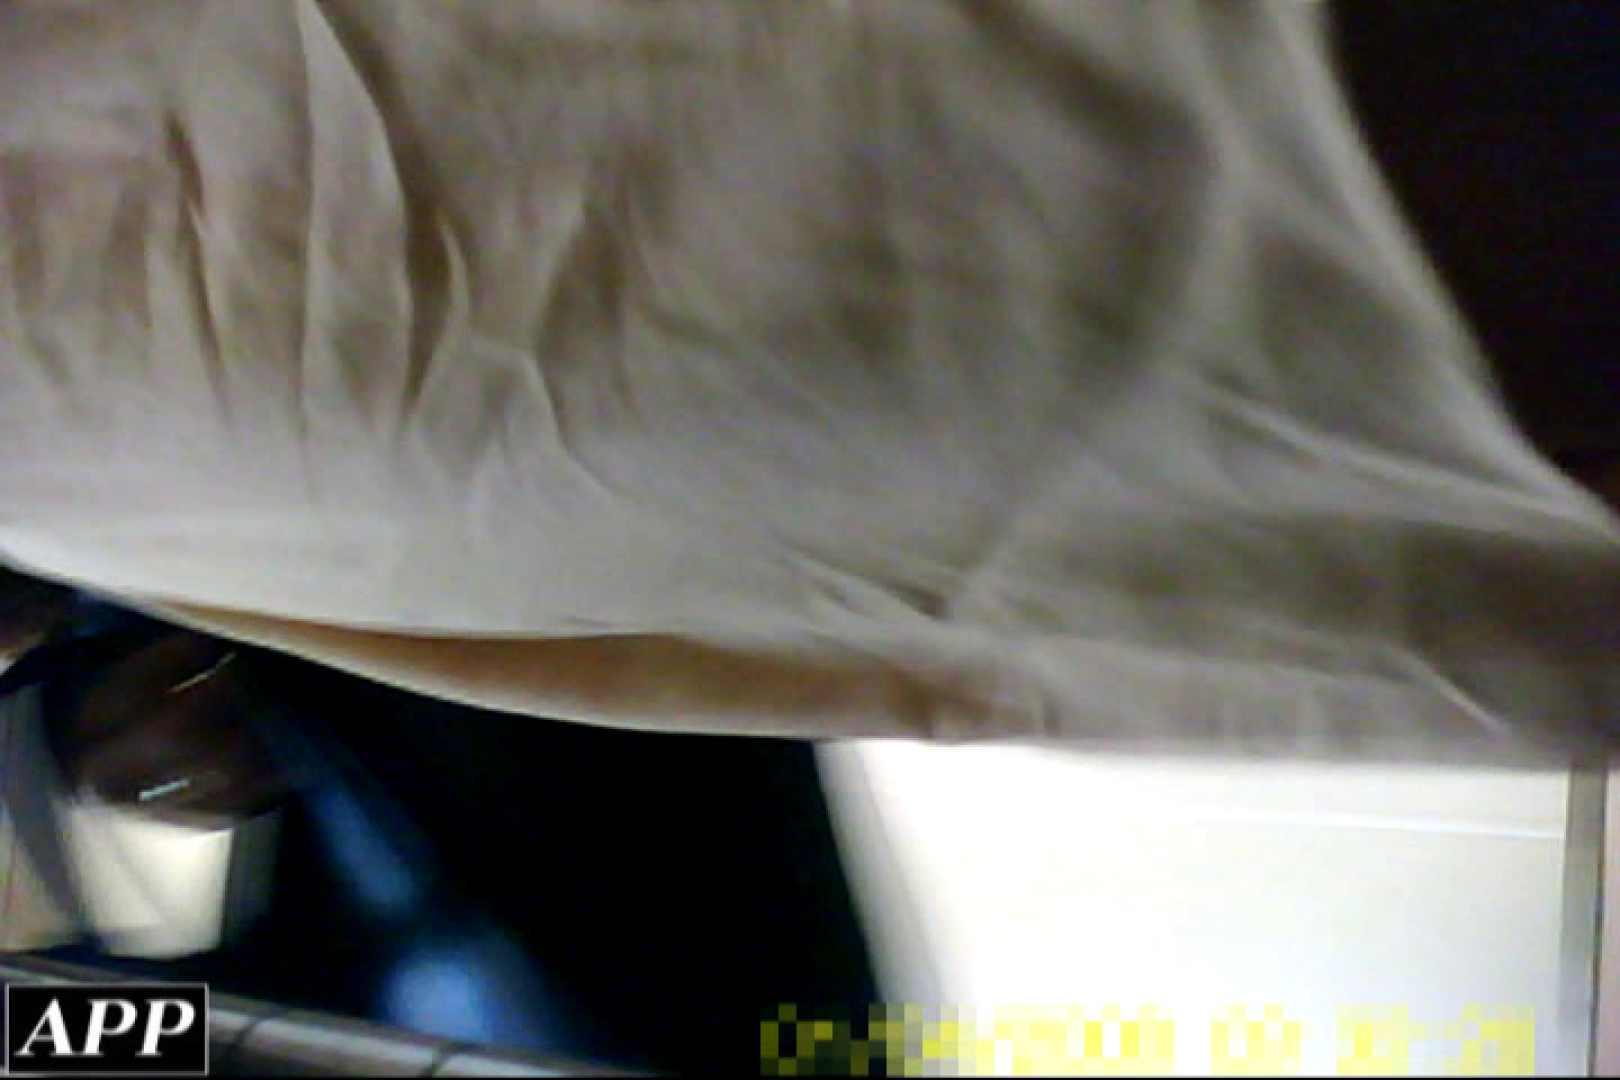 3視点洗面所 vol.118 丸出しマンコ エロ画像 104連発 82